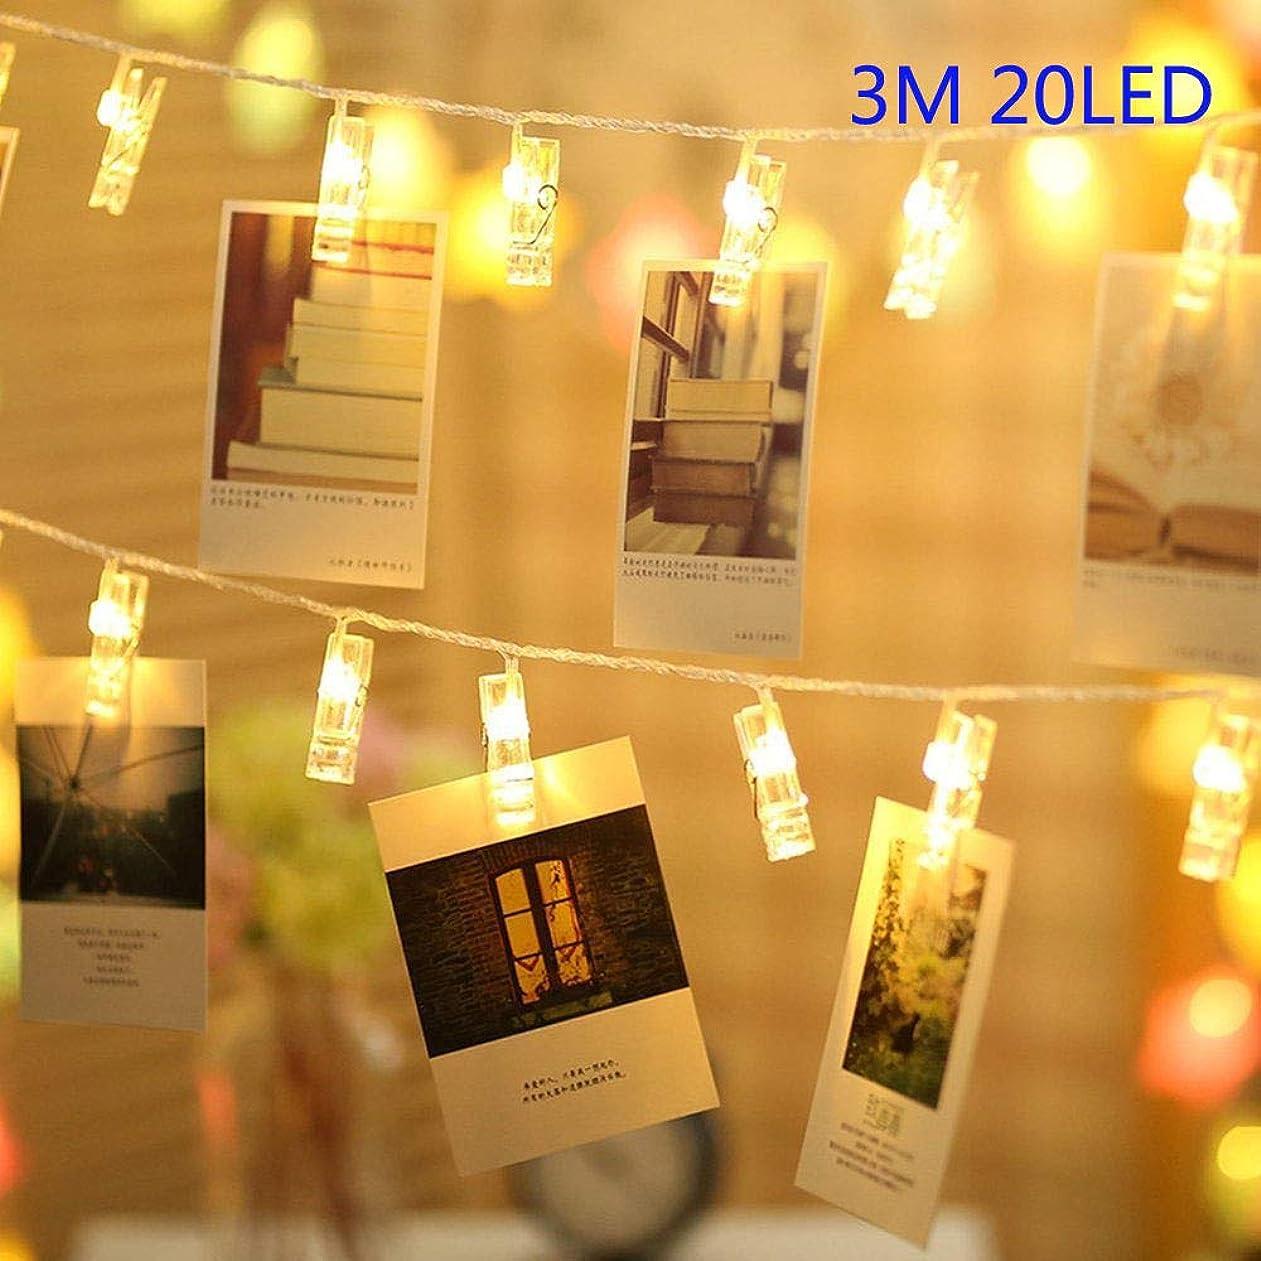 信頼チェスをする難破船AULNPAI LEDストリングライト3M 20LEDs 写真/絵/フォトクリップストリングライト/DIY吊り下げる飾り 電池駆動式 クリスマス/新年/結婚式/誕生日/パーティー/マザーズデー/記念日 (ウォームホワイト)